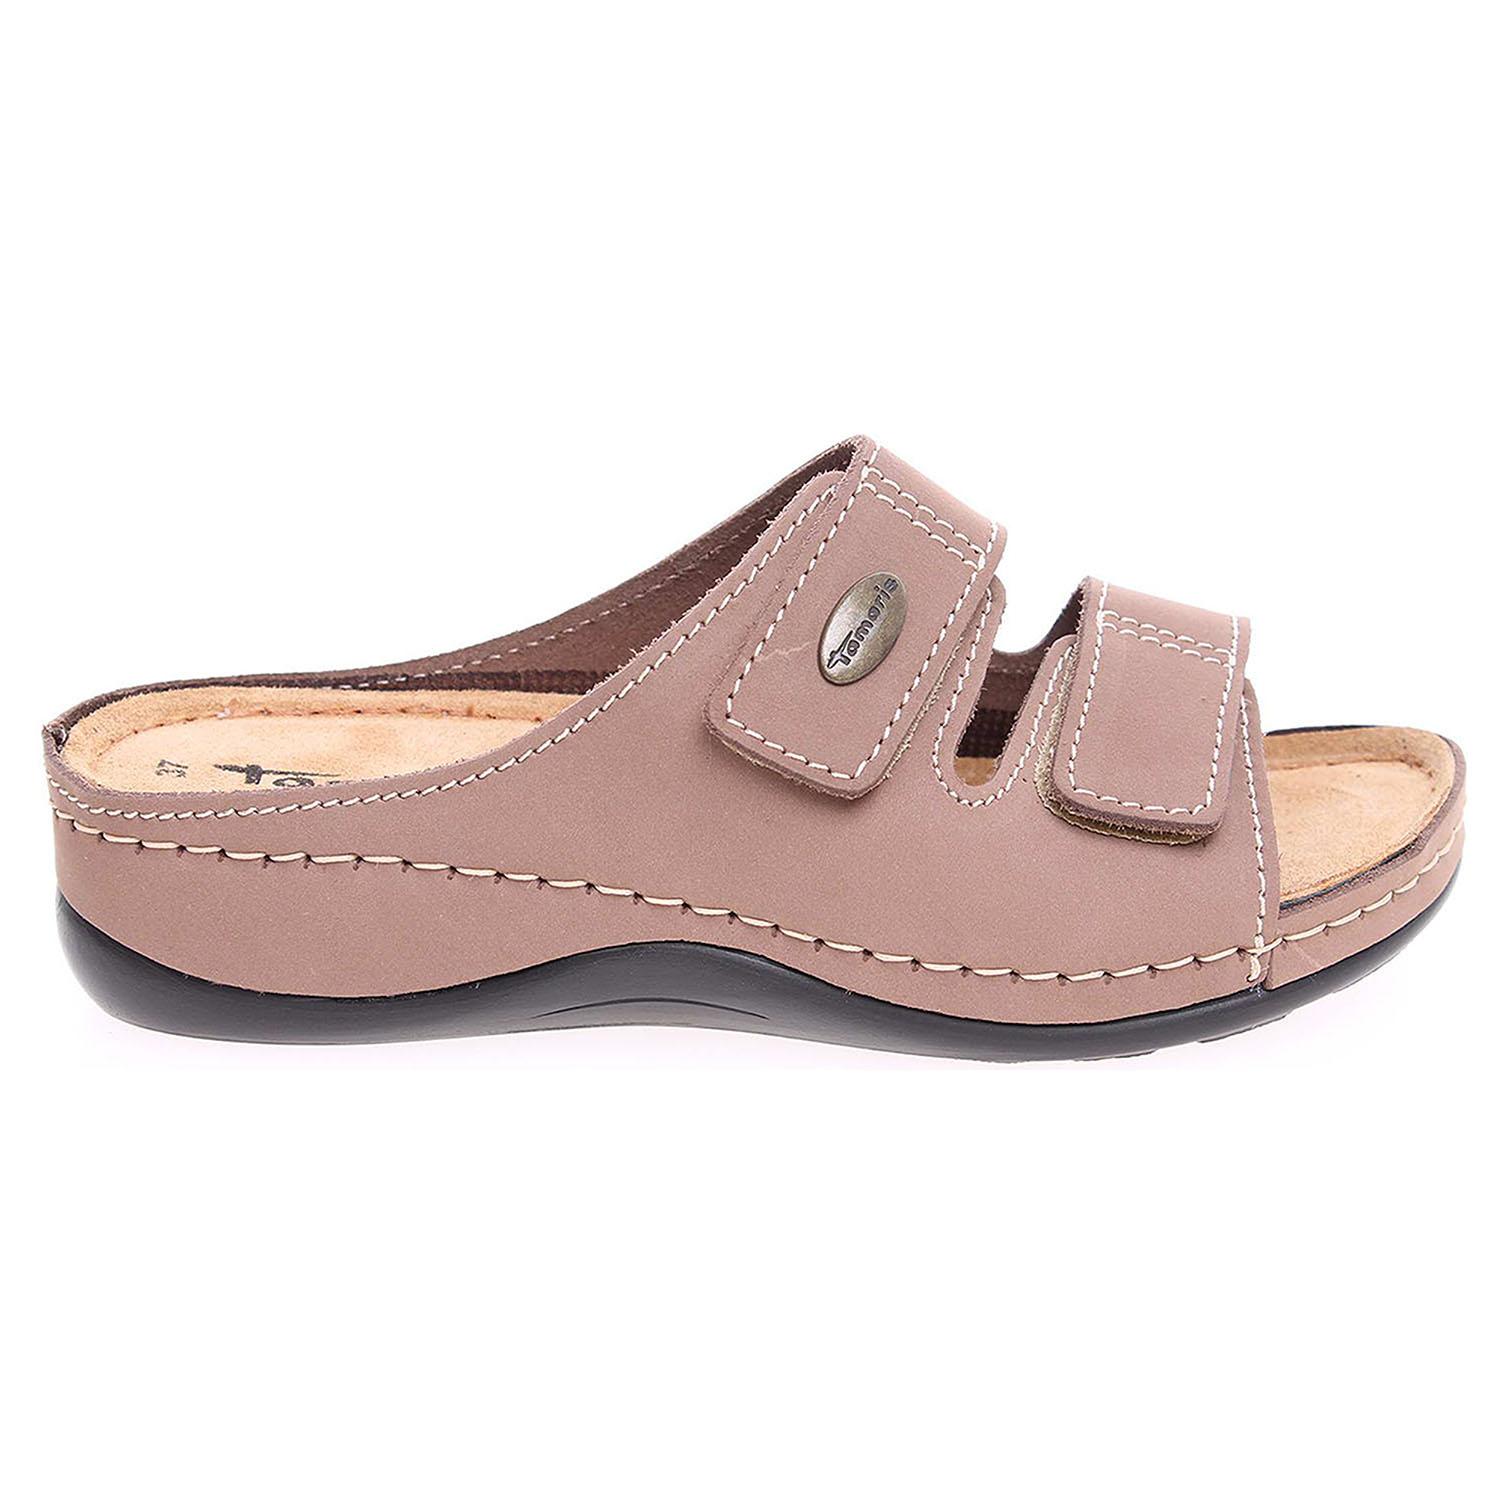 Ecco Tamaris dámské pantofle 1-27510-28 béžové 23400152